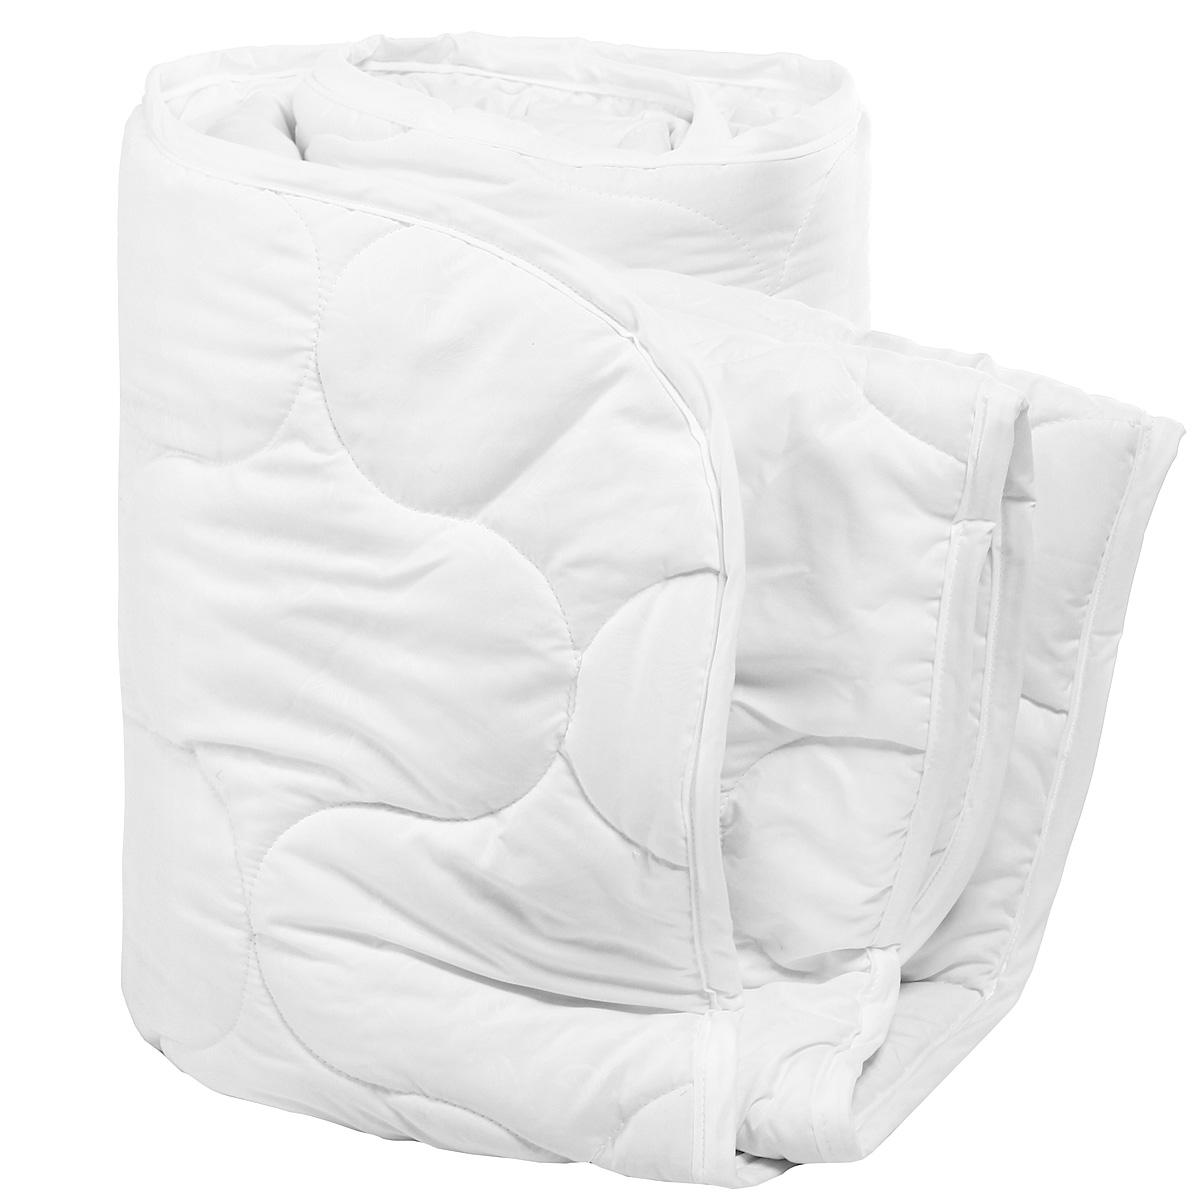 Одеяло Green Line, наполнитель: бамбуковое волокно, 140 х 205 см165989При изготовлении одеяла Green Line применяется ткань нового поколения из микрофиламентных нитей Ultratex. Одеяло не требует специального ухода, быстро сохнет после стирки и практически не мнется. Наполнитель из натуральных бамбуковых волокон. Пористая структура бамбукового волокна обеспечивает отличные условия для циркуляции воздуха и впитывания влаги. Преимущества одеяла Green Line: идеальный комфортный сон; антибактериальная защита; оптимальная терморегуляция. Характеристики: Материал чехла: 100% полиэстер (Ultratex). Наполнитель: 50 % бамбуковое волокно, 50% полиэстер. Цвет: белый. Масса наполнителя: 300 г/м2. Размер одеяла: 140 см х 205 см. Размер упаковки: 58 см х 15 см х 43 см. Артикул: 165989.